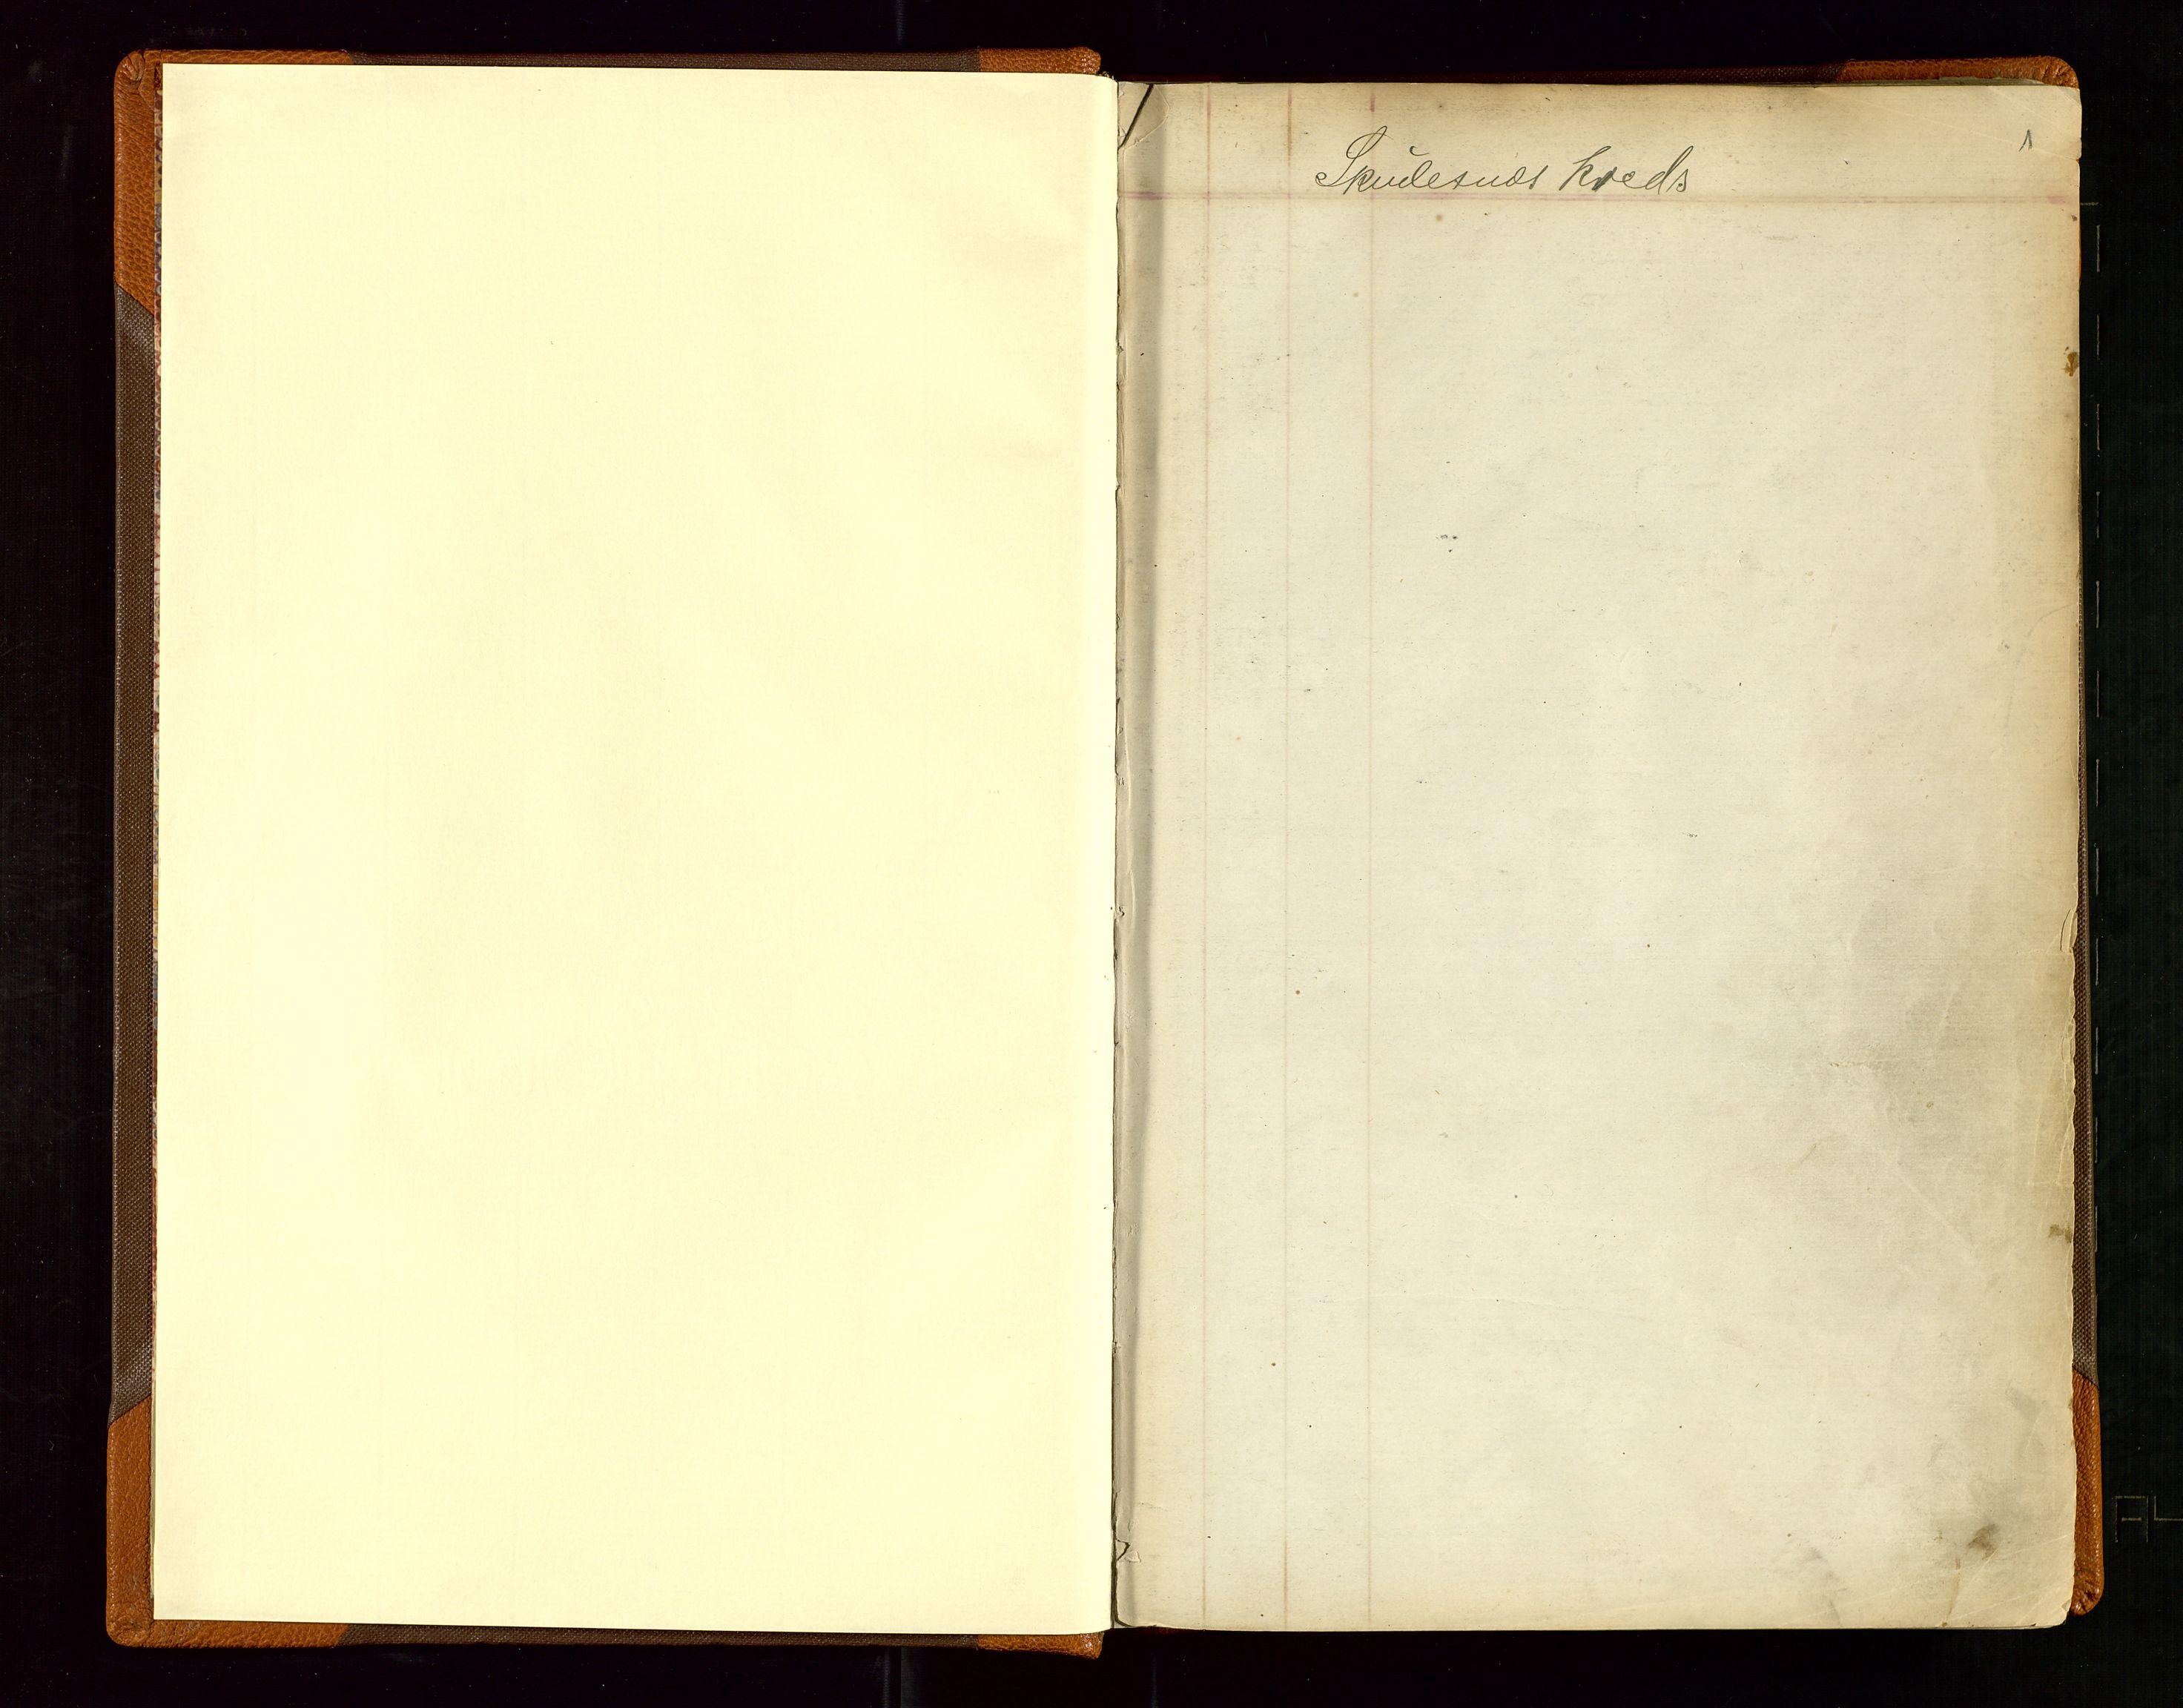 SAST, Haugesund sjømannskontor, F/Fb/Fba/L0001: Navneregister med henvisning til rullenr (Fornavn) Skudenes krets, 1860-1948, s. 1